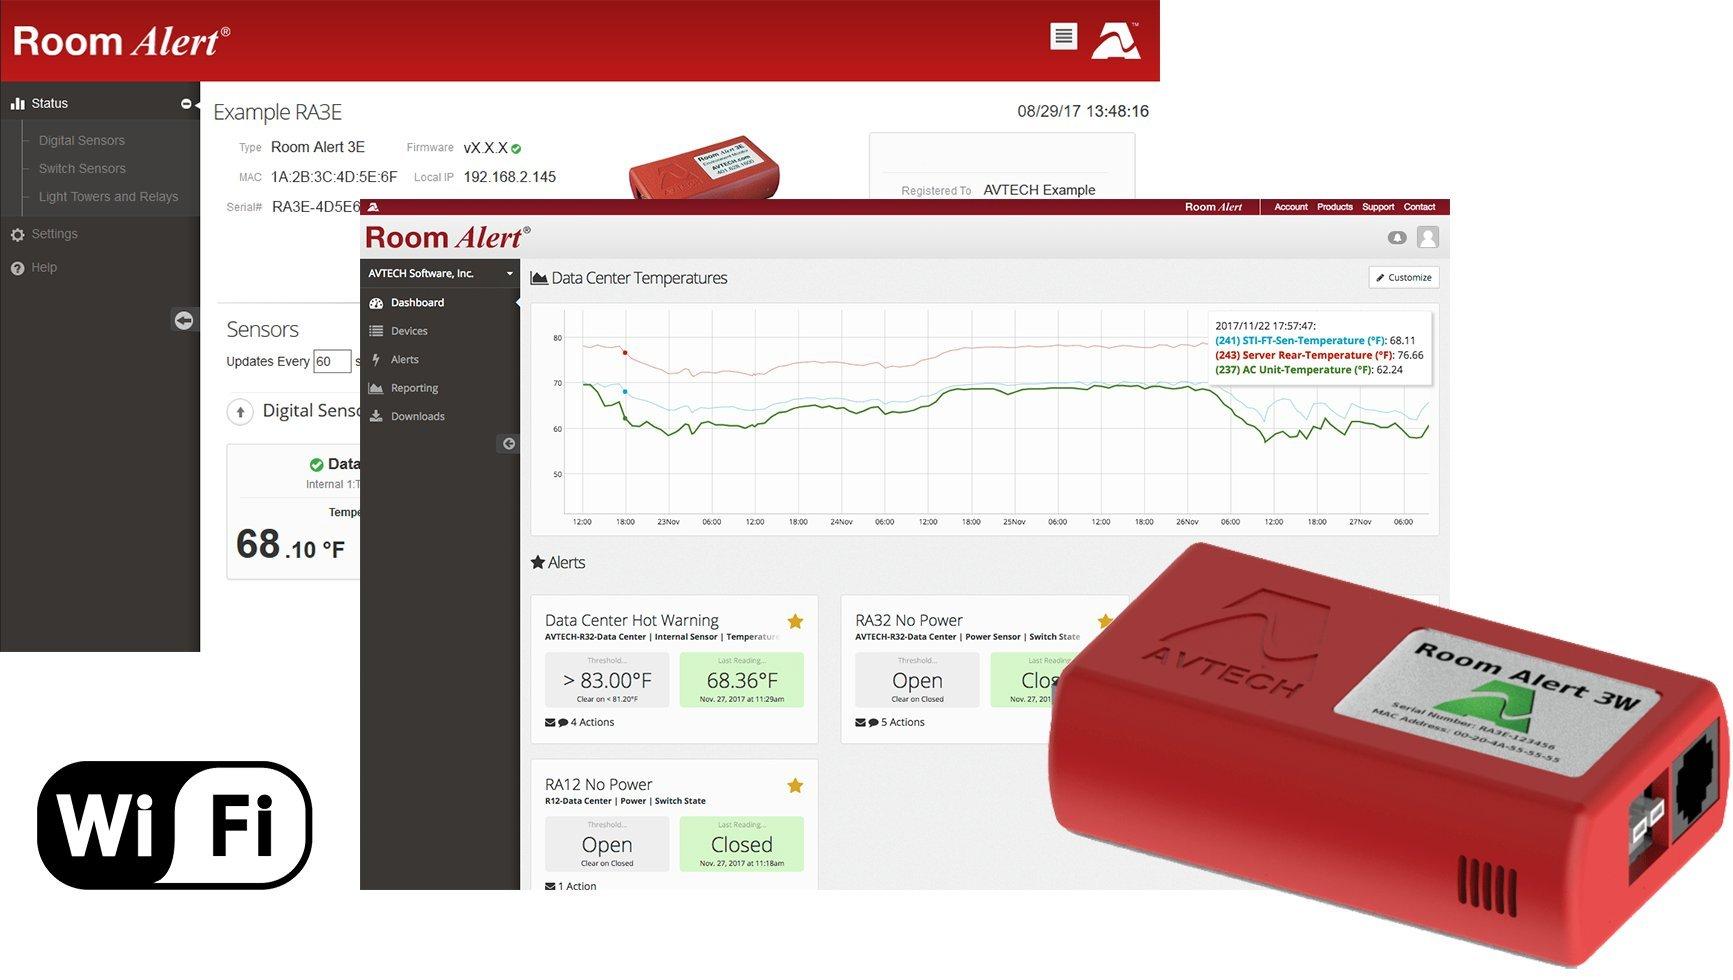 Room Alert 3 Wi-Fi Temperature & Environment Monitor, Alert, Log, Graph, Cloud, Map, More by Room Alert